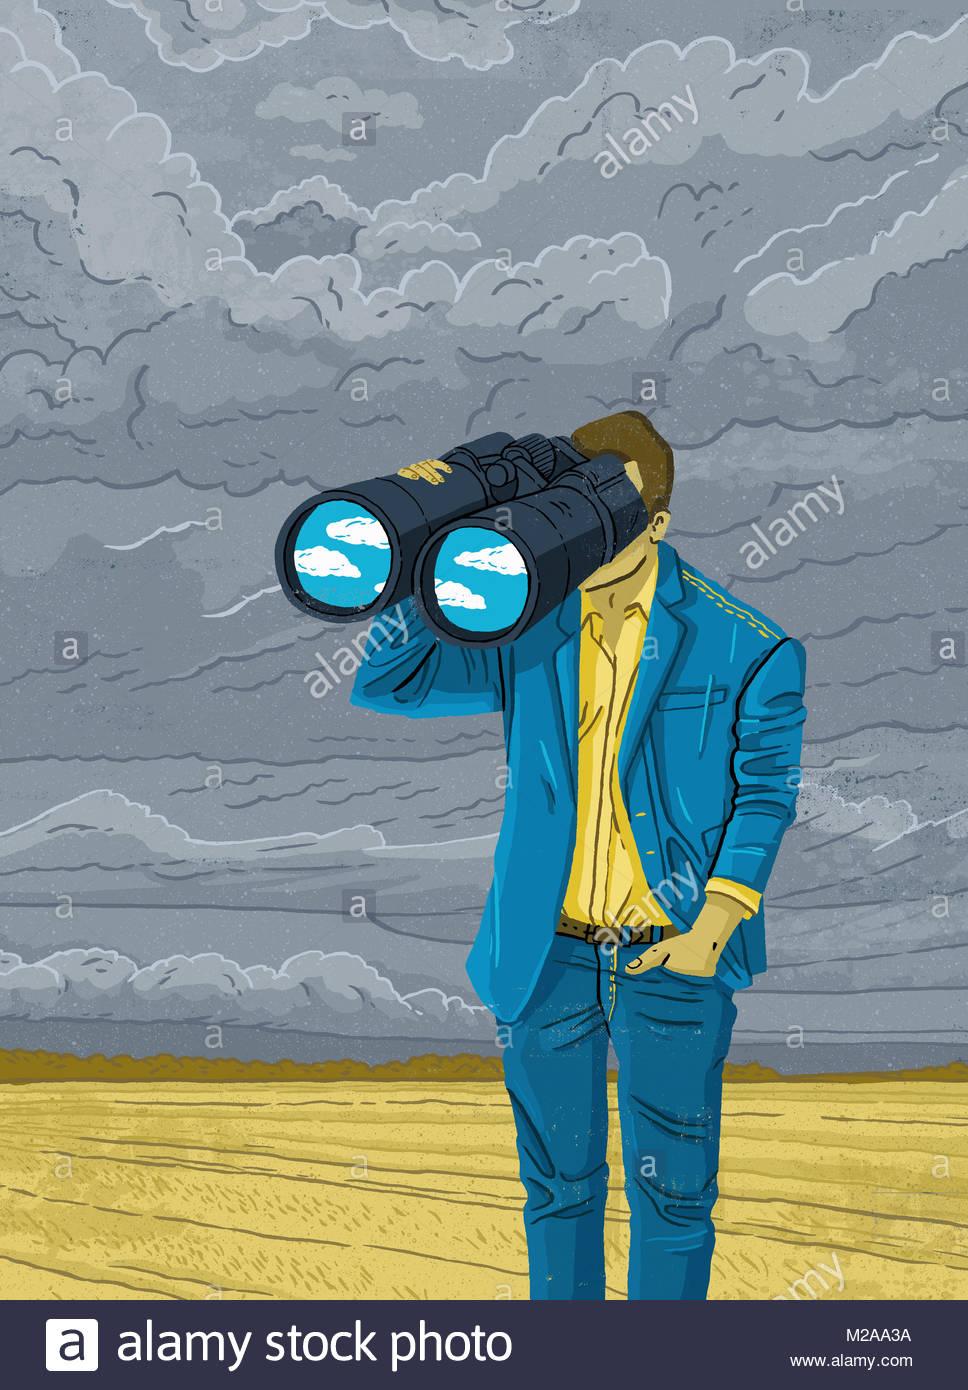 Uomo che guarda attraverso il binocolo meglio previsioni meteo Immagini Stock